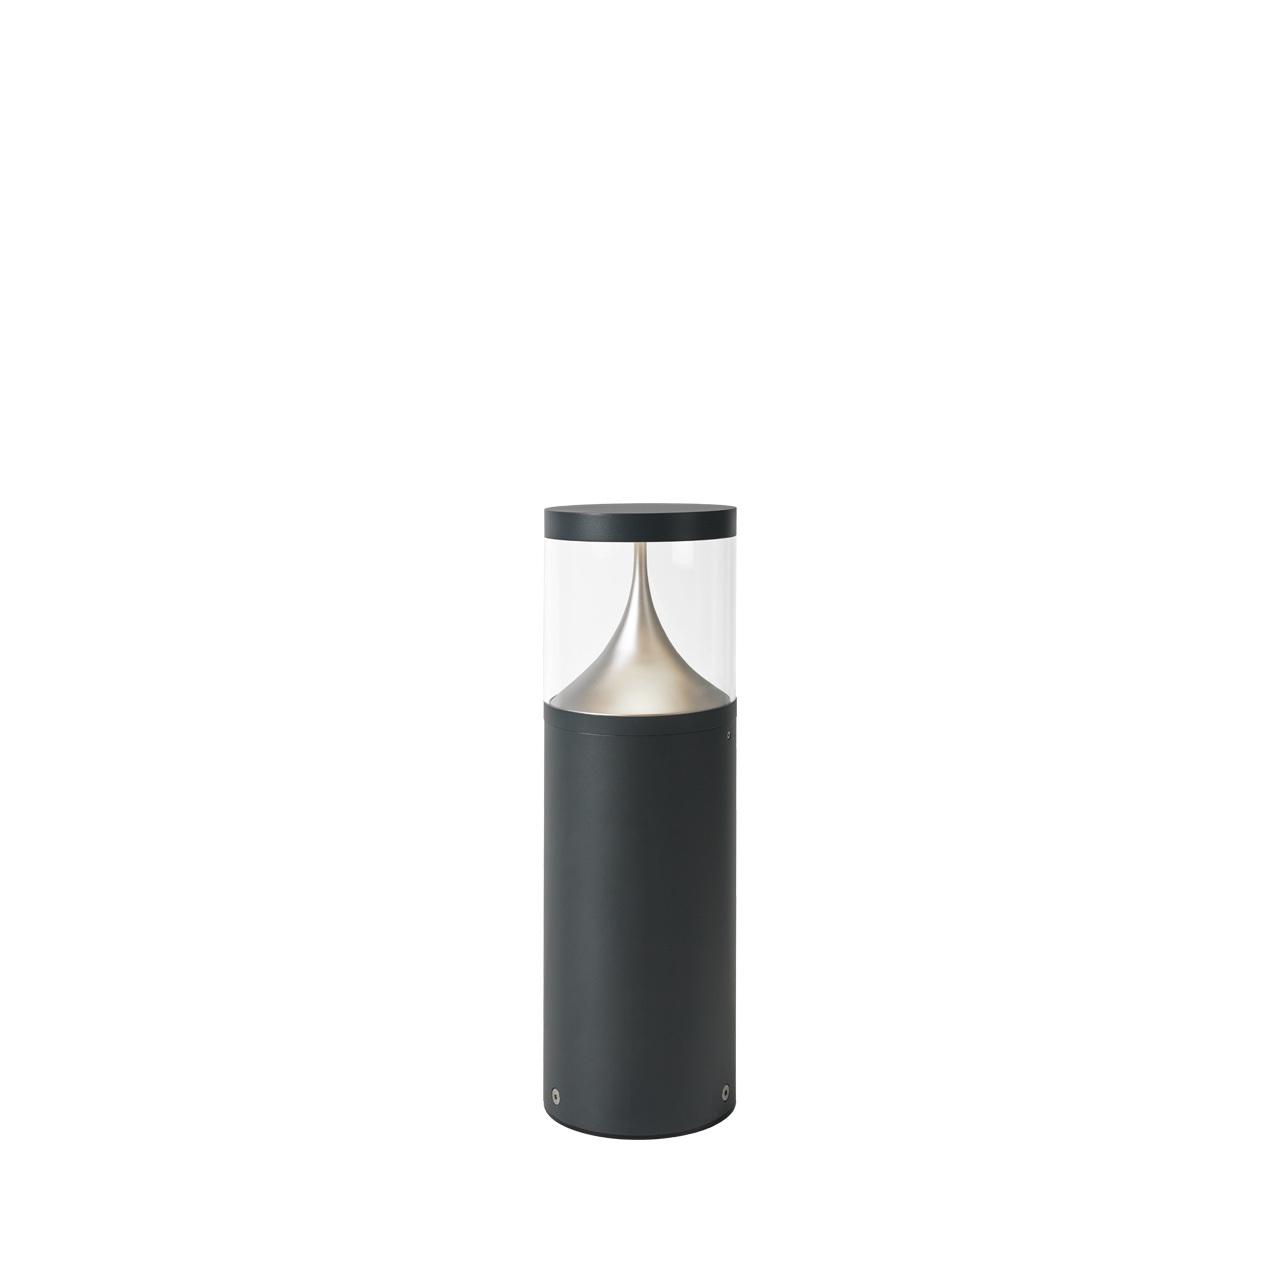 Słupek ogrodowy EGERSUND 63CM LED 1285GR -Norlys  SPRAWDŹ RABATY  5-10-15-20 % w koszyku